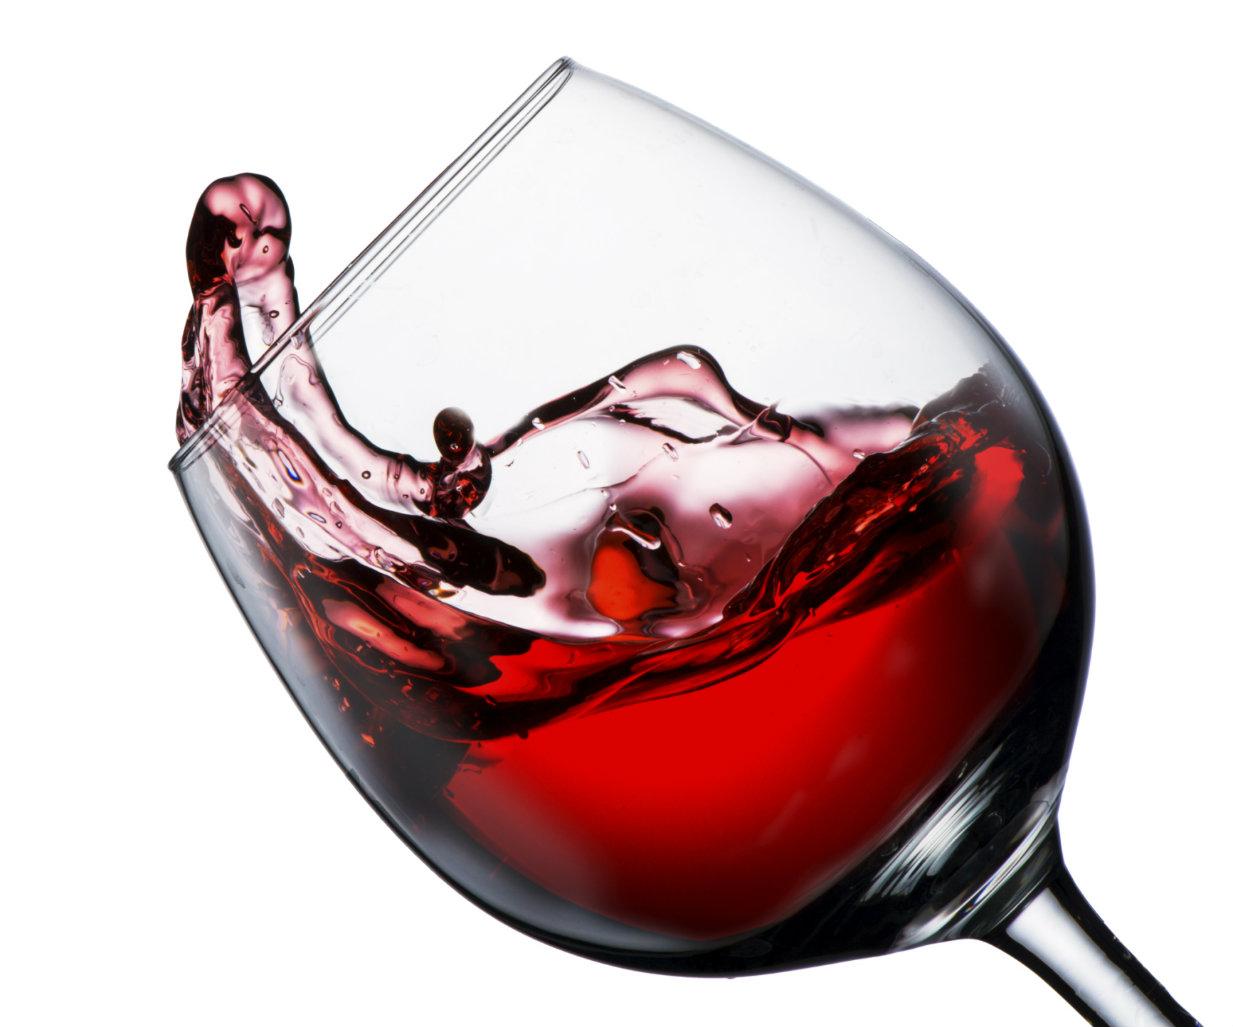 Vente de vin, découvrir le plaisir de boire